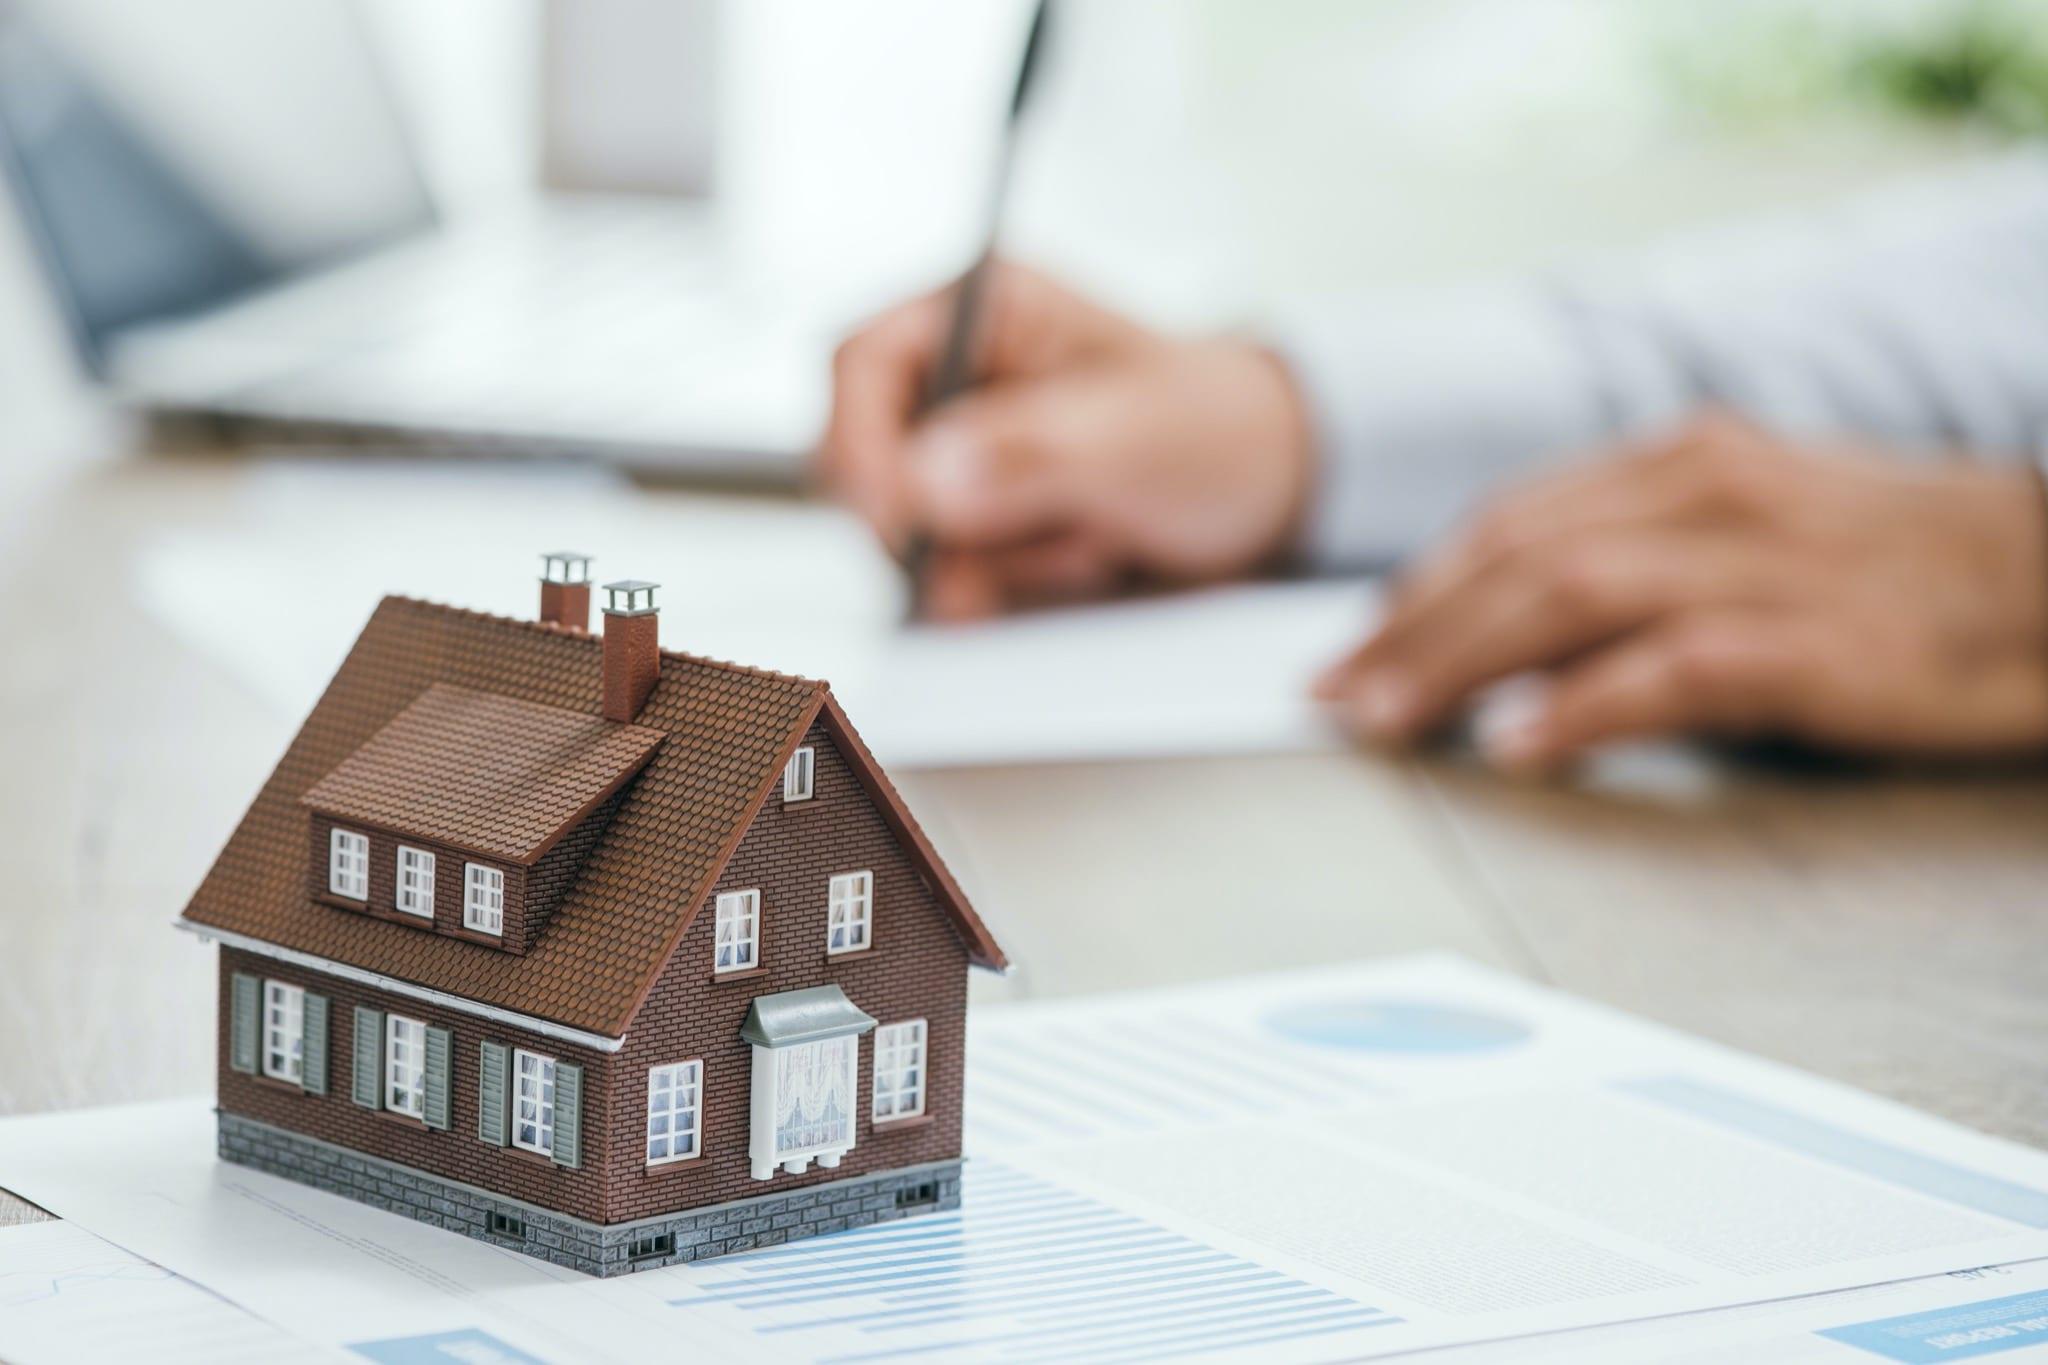 casa - Schimbări legislative importante, în 2019, pentru sectorul imobiliar